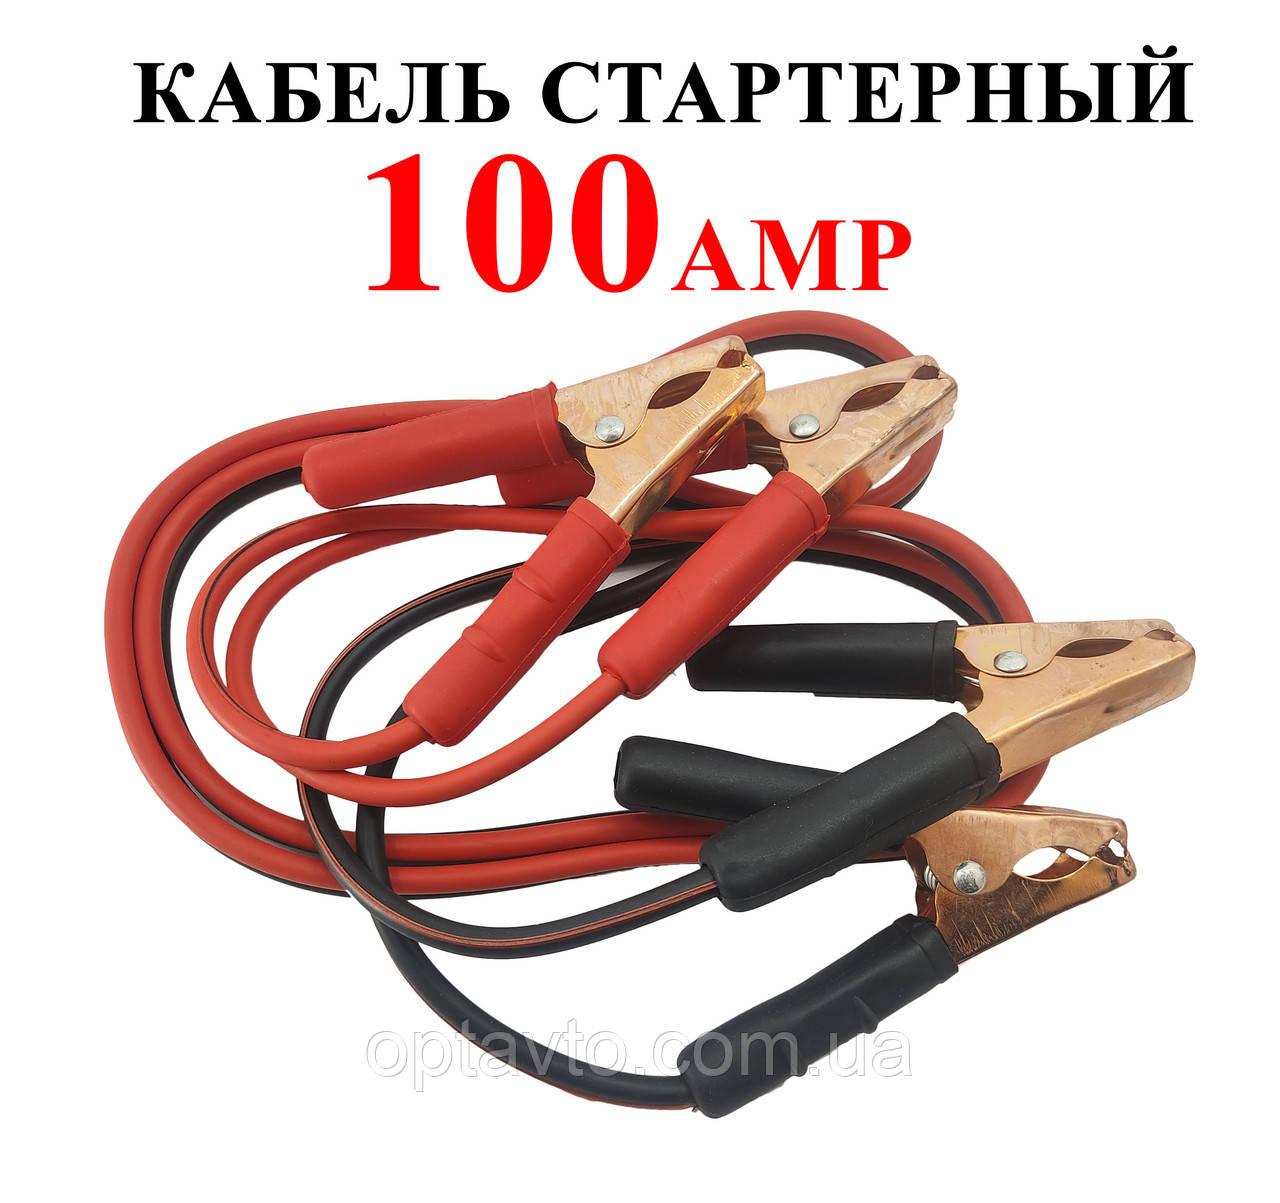 Провода прикуривания, пусковые провода 100А 2м. Стартерный кабель с крокодилами